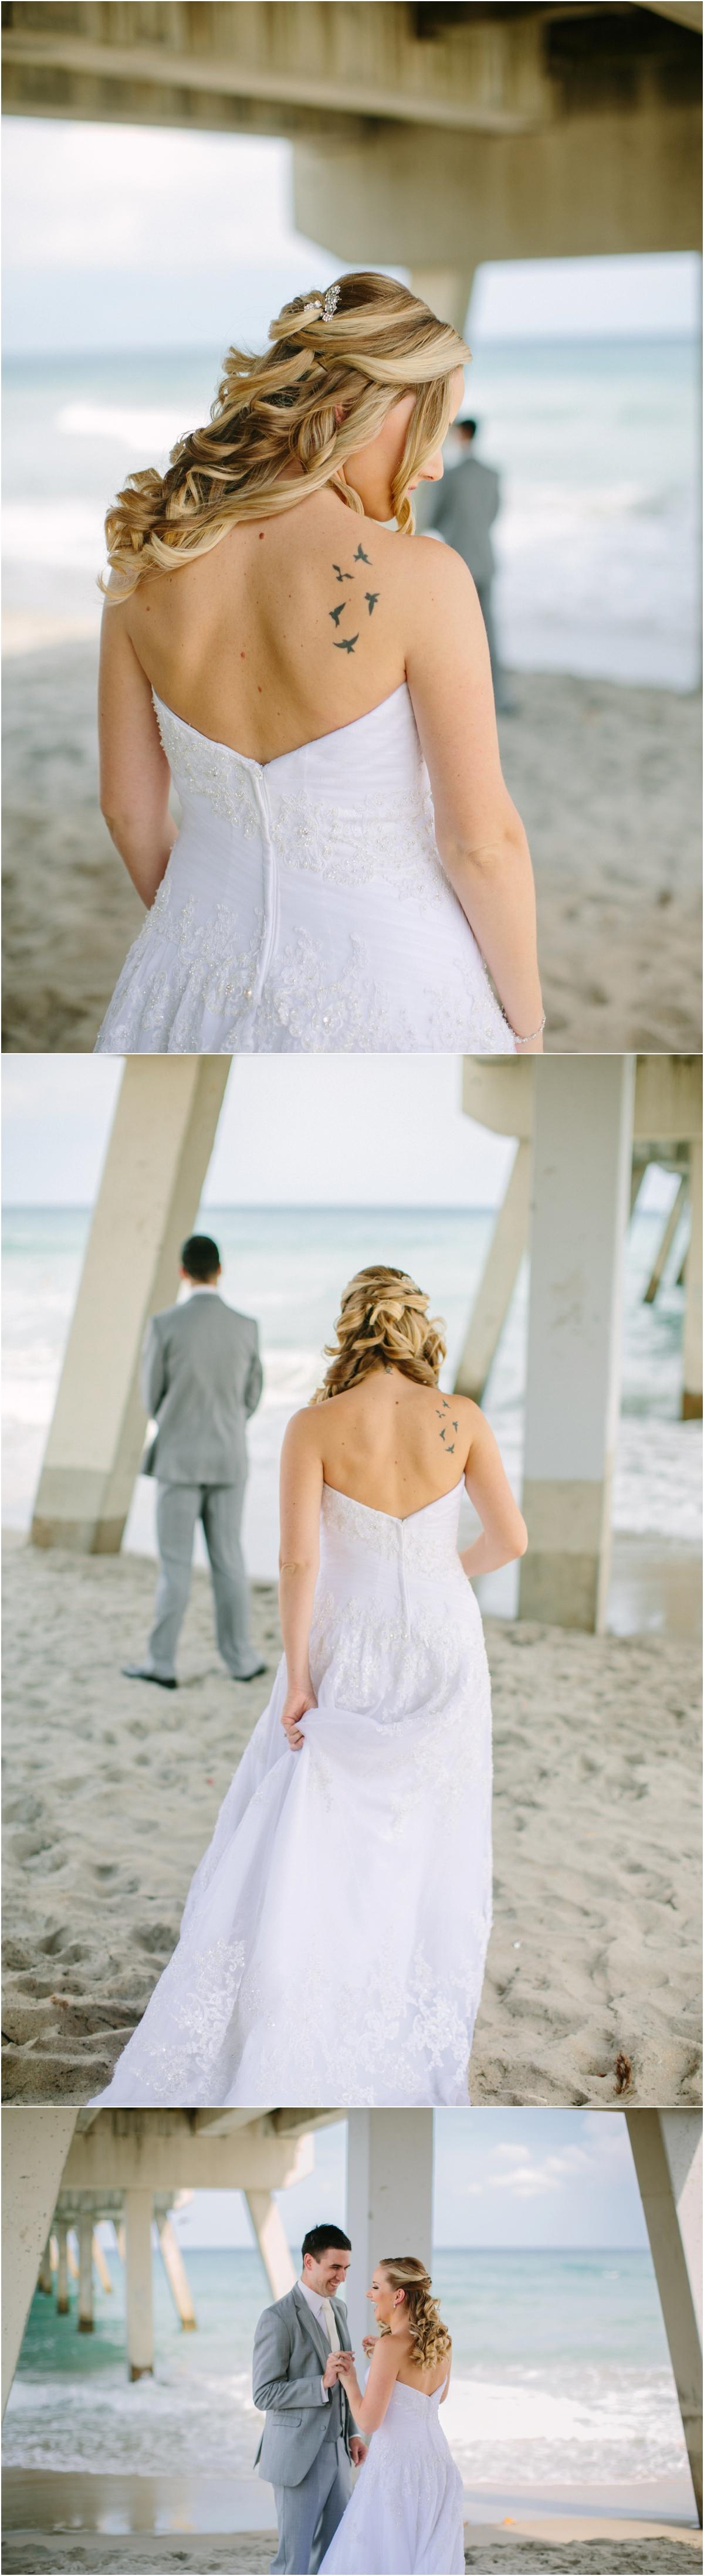 Boca-Raton-South-Florida-Wedding-photography_0006